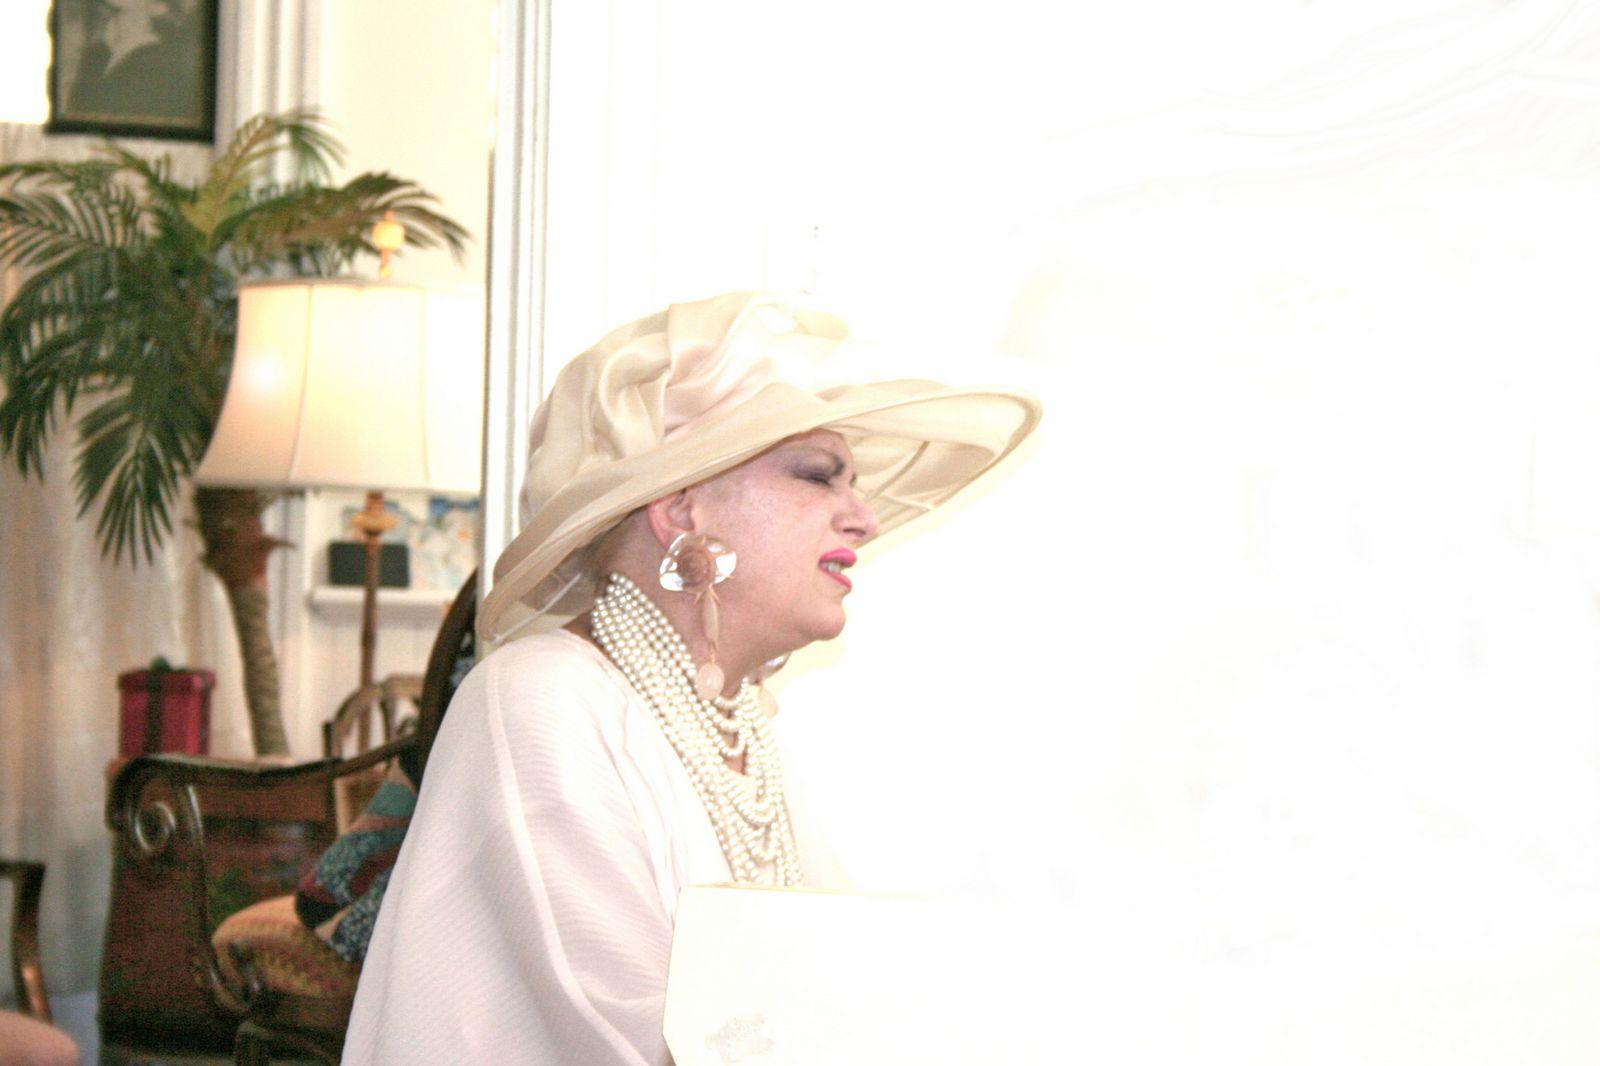 http://4.bp.blogspot.com/-AkfplIIMnuA/TZ8DnrZ9CpI/AAAAAAAACD4/Do_TSBoDlYQ/s1600/Diana+Rogers.jpg